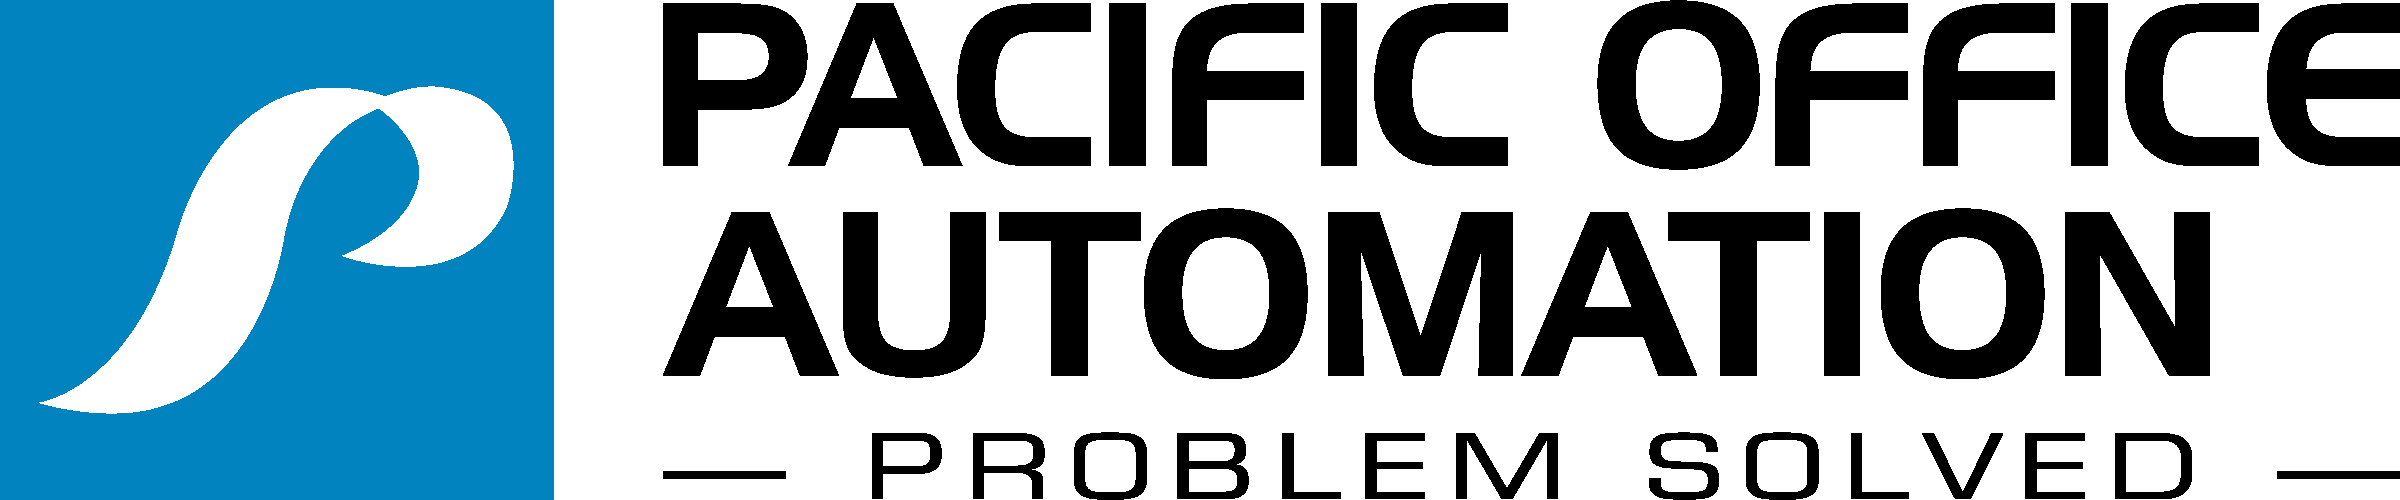 poa-logo-standard-color